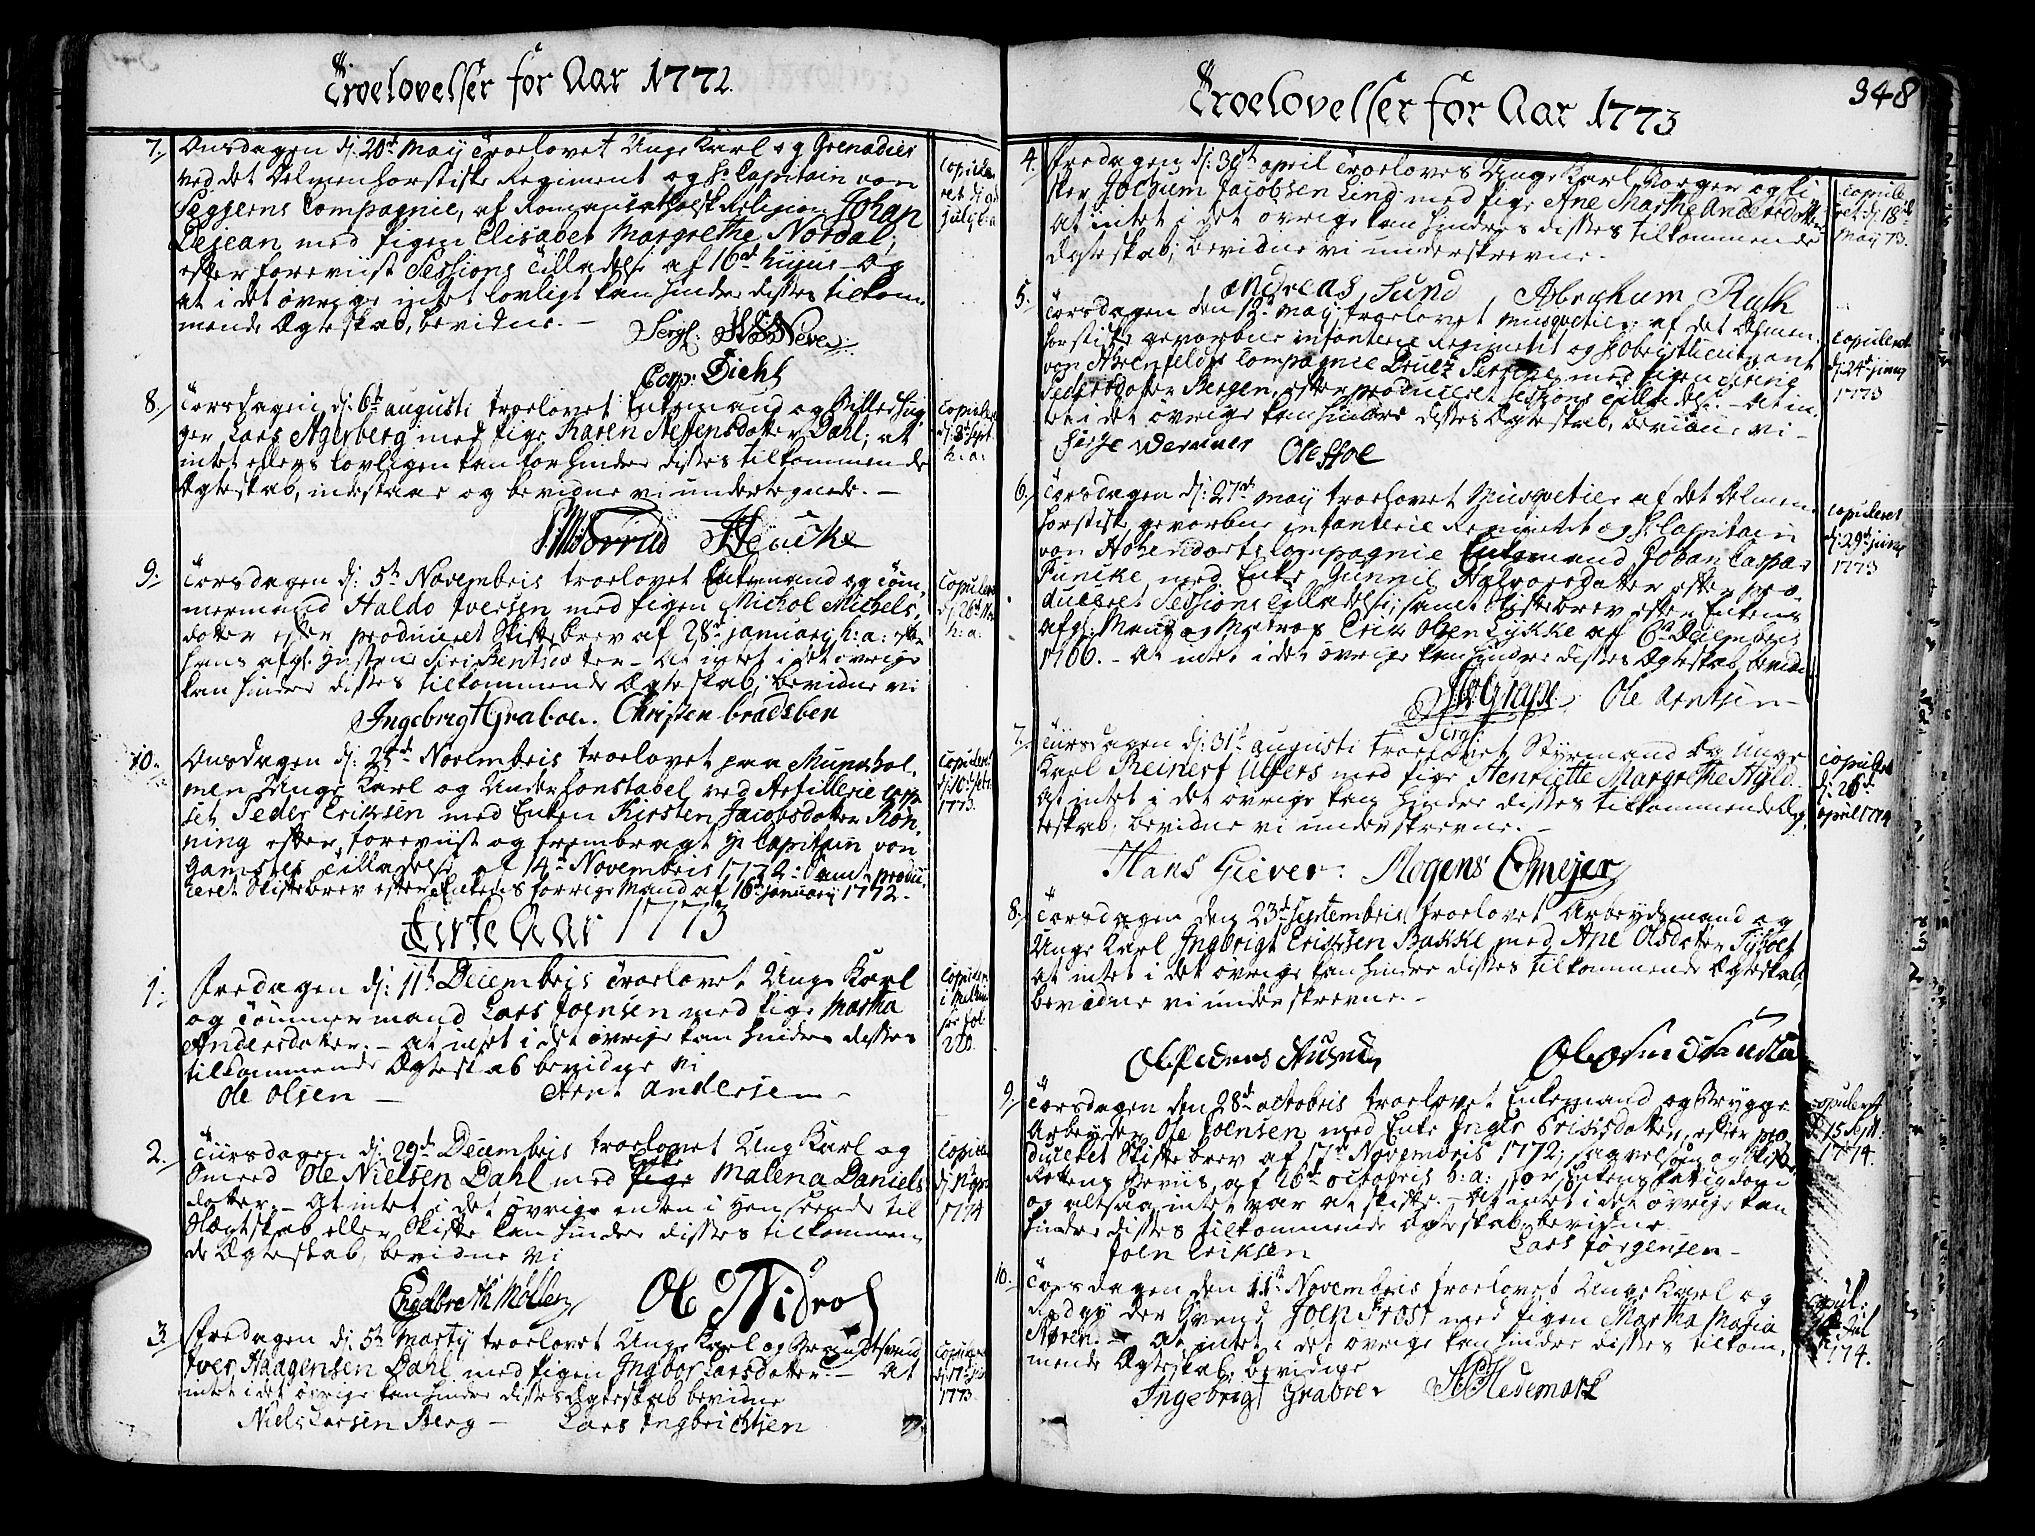 SAT, Ministerialprotokoller, klokkerbøker og fødselsregistre - Sør-Trøndelag, 602/L0103: Ministerialbok nr. 602A01, 1732-1774, s. 348